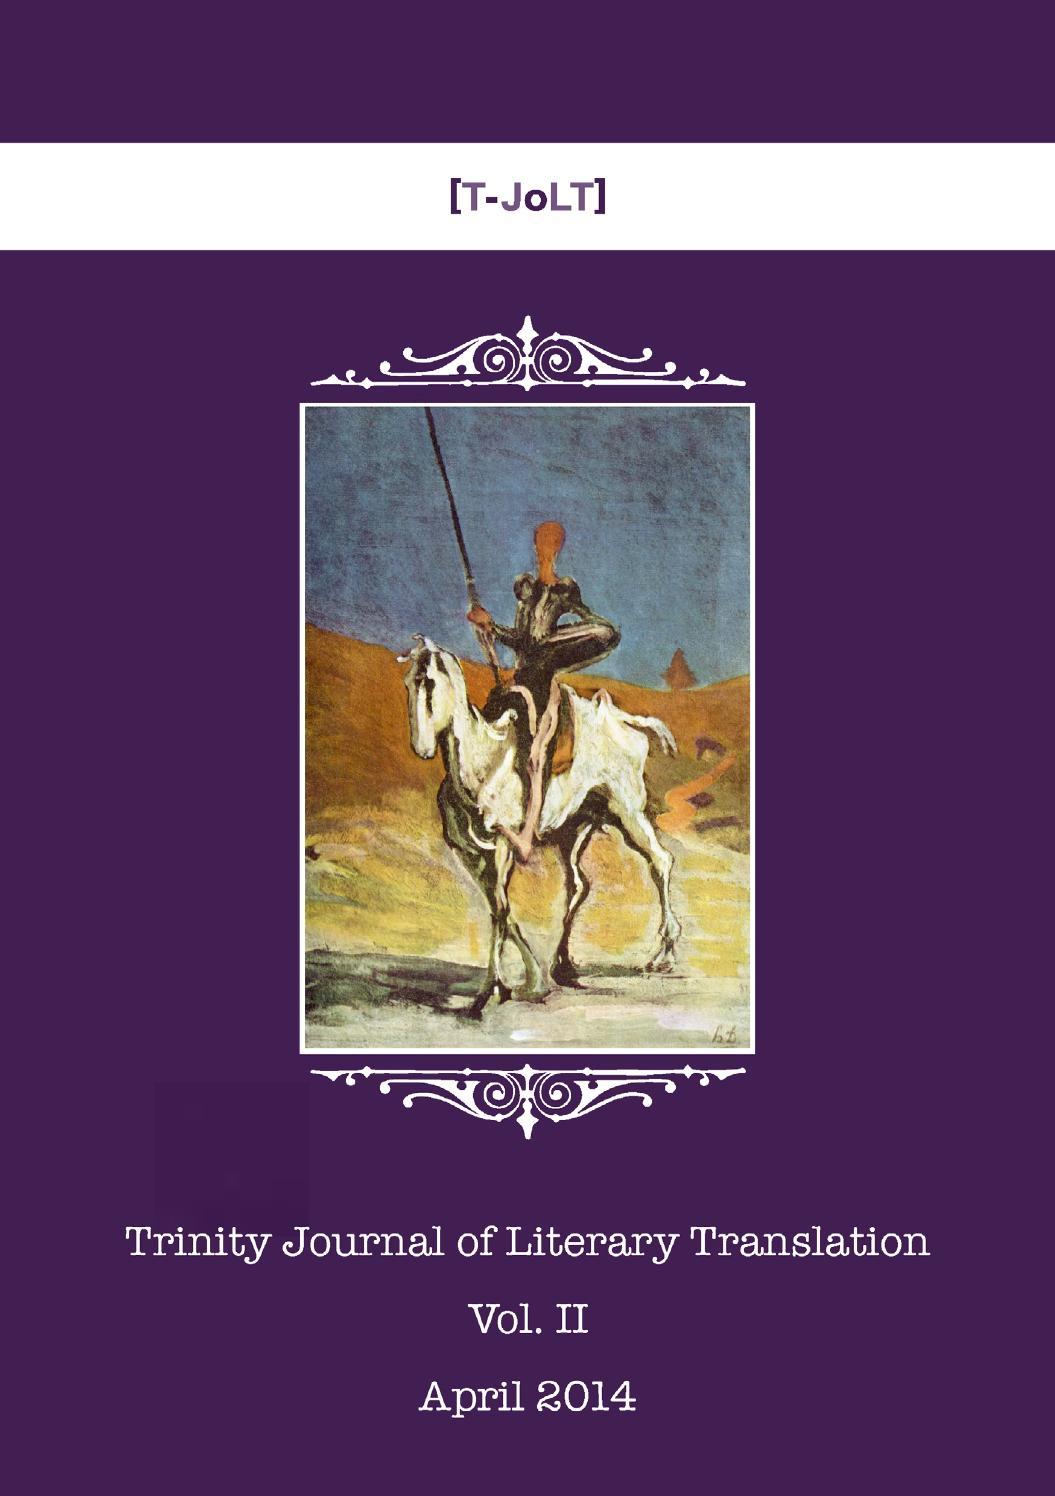 Trinity JoLT - Vol. II – April 2014 by Trinity JoLT - issuu